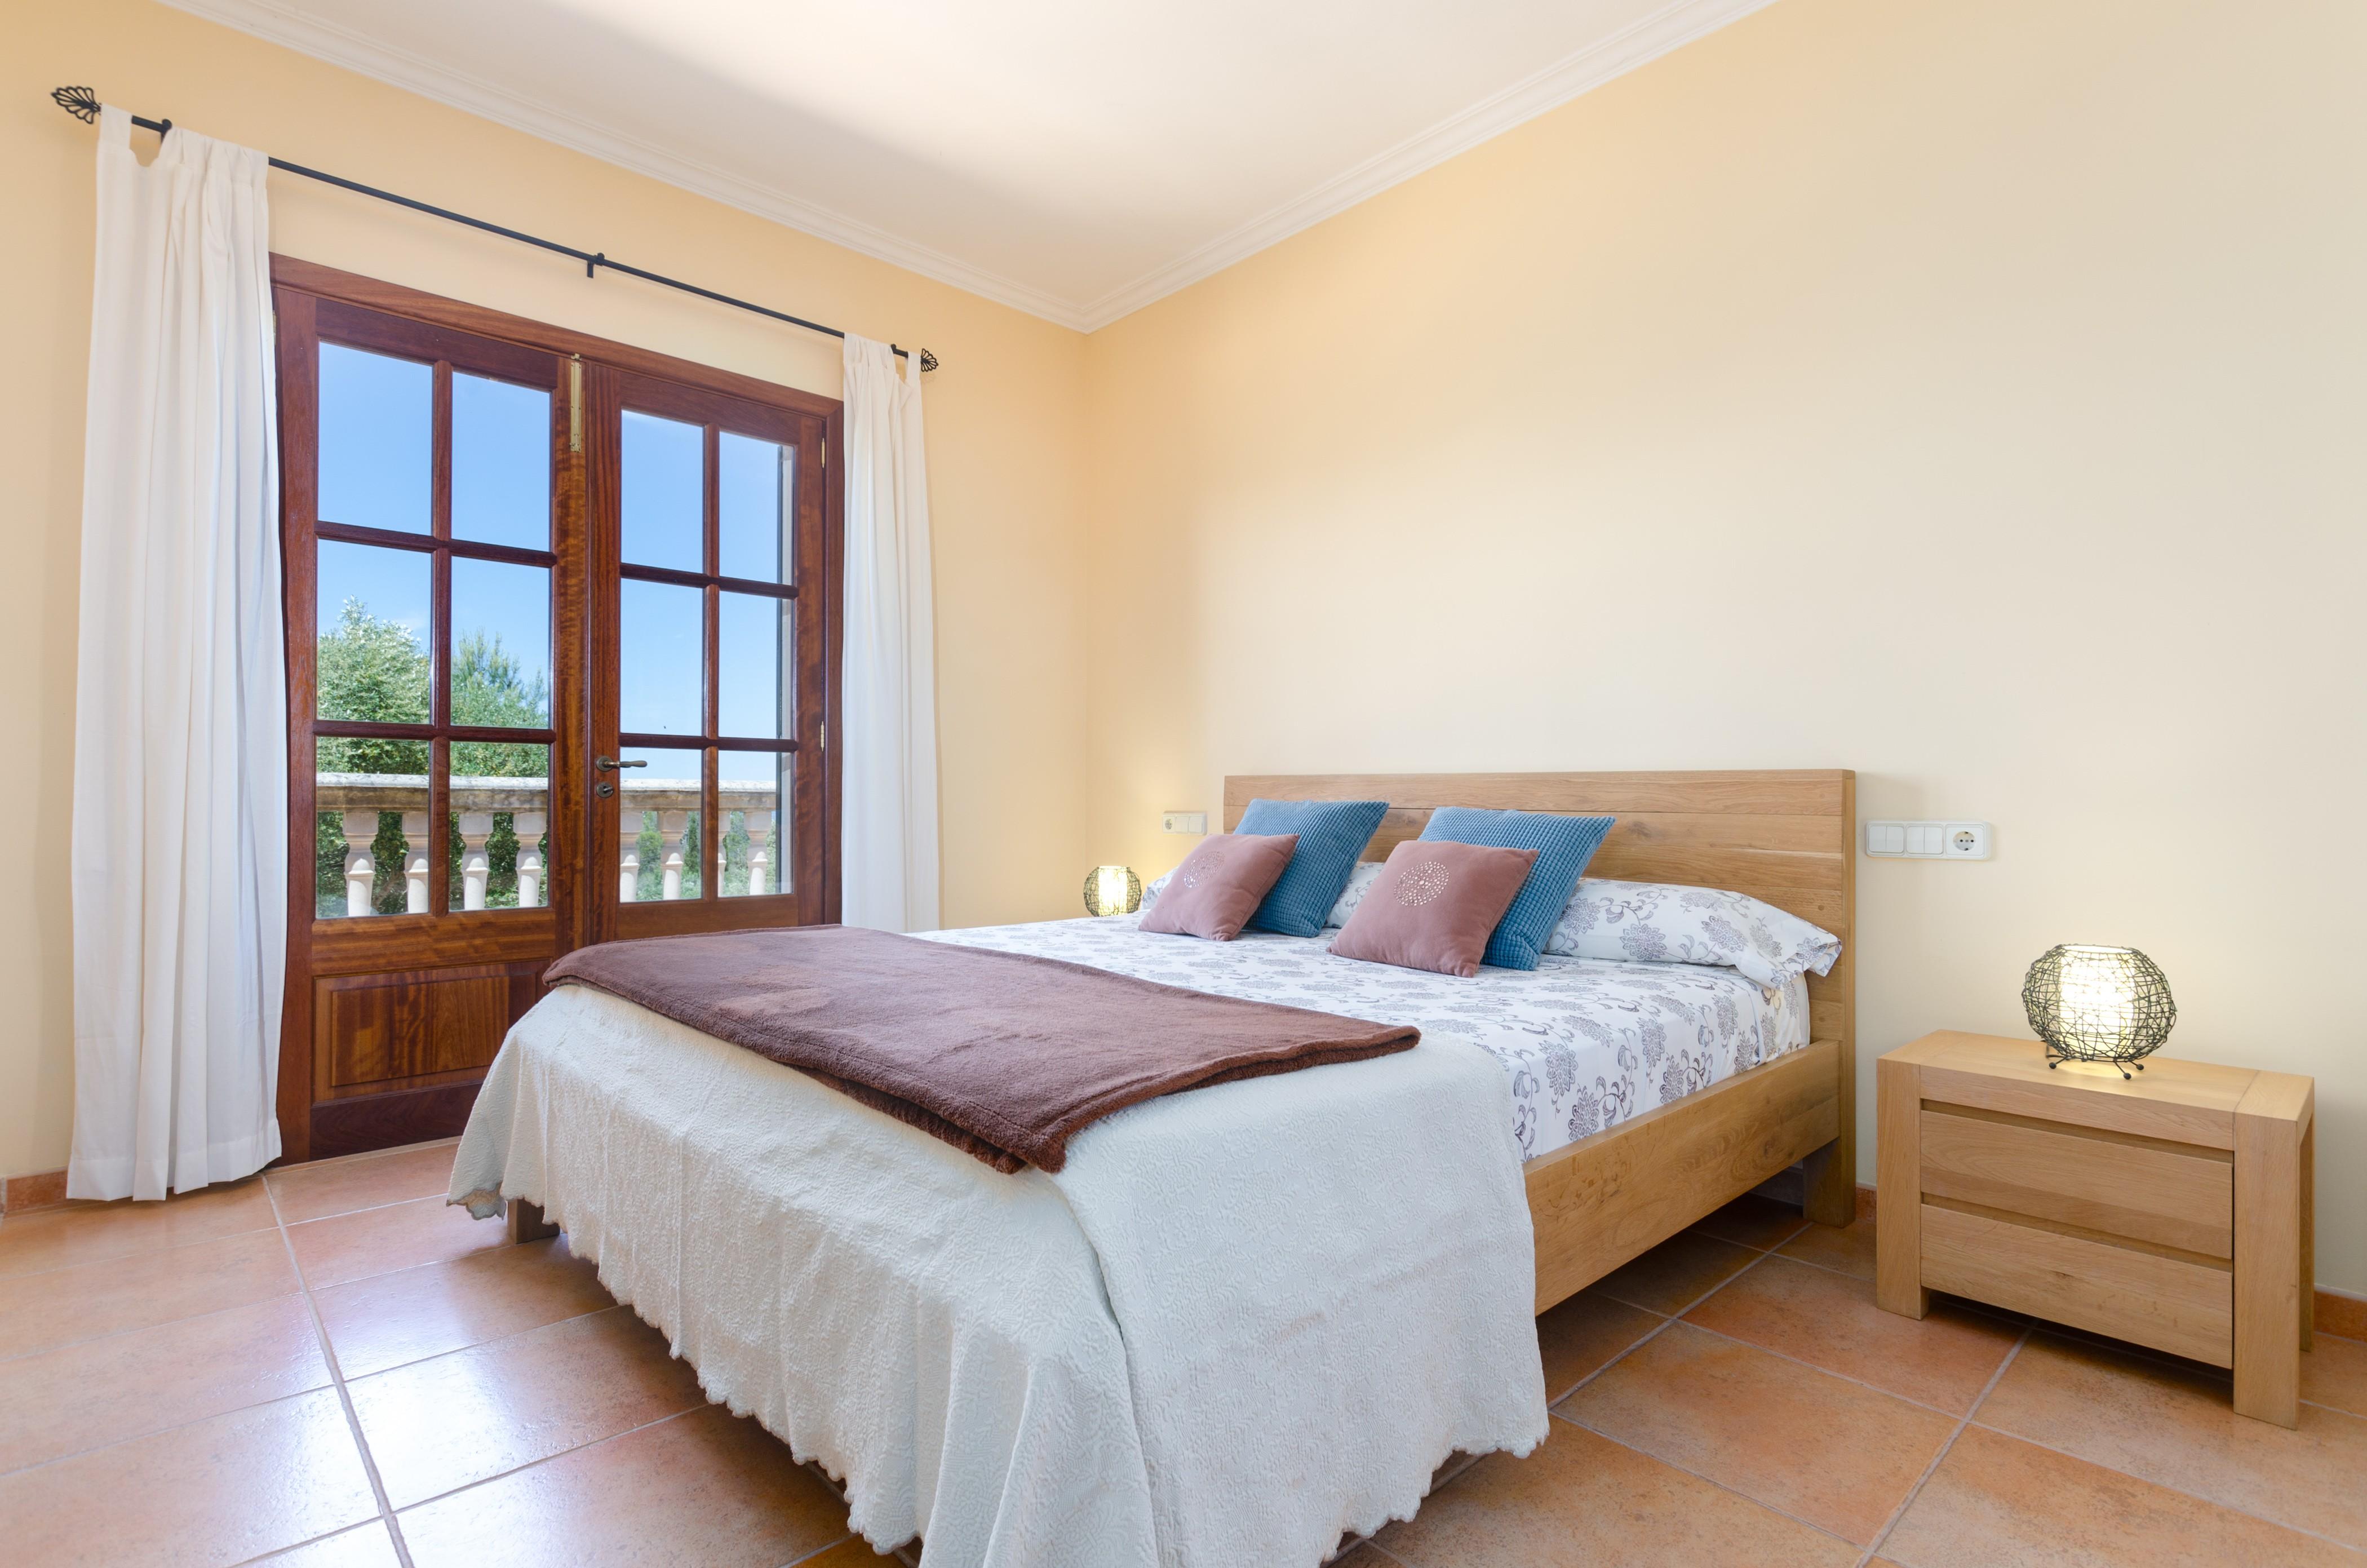 Maison de vacances ES VEDAT (2632993), Lloret de Vistalegre, Majorque, Iles Baléares, Espagne, image 31